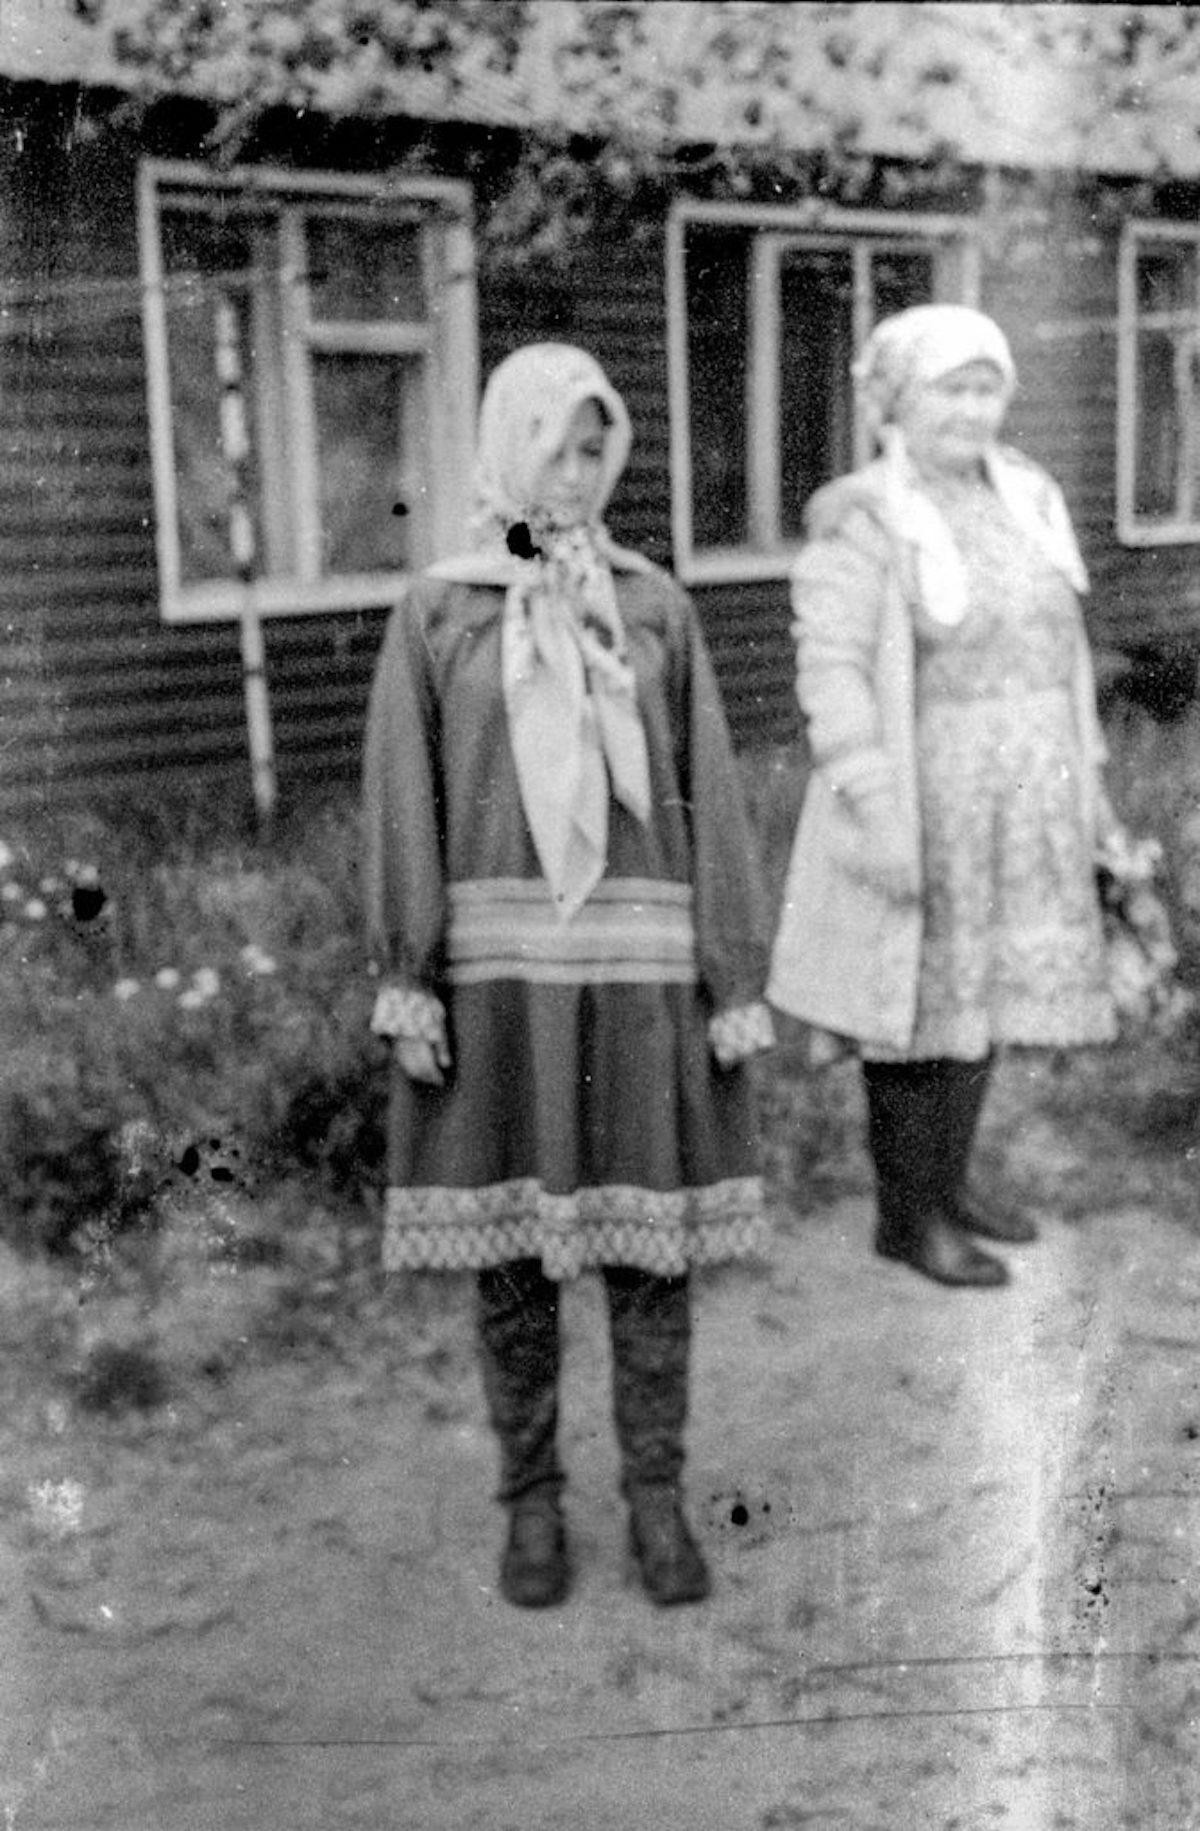 Frauen in traditioneller Kleidung der Chanten, Russkinskaja, Jugra / Foto © Igor Tereschkow